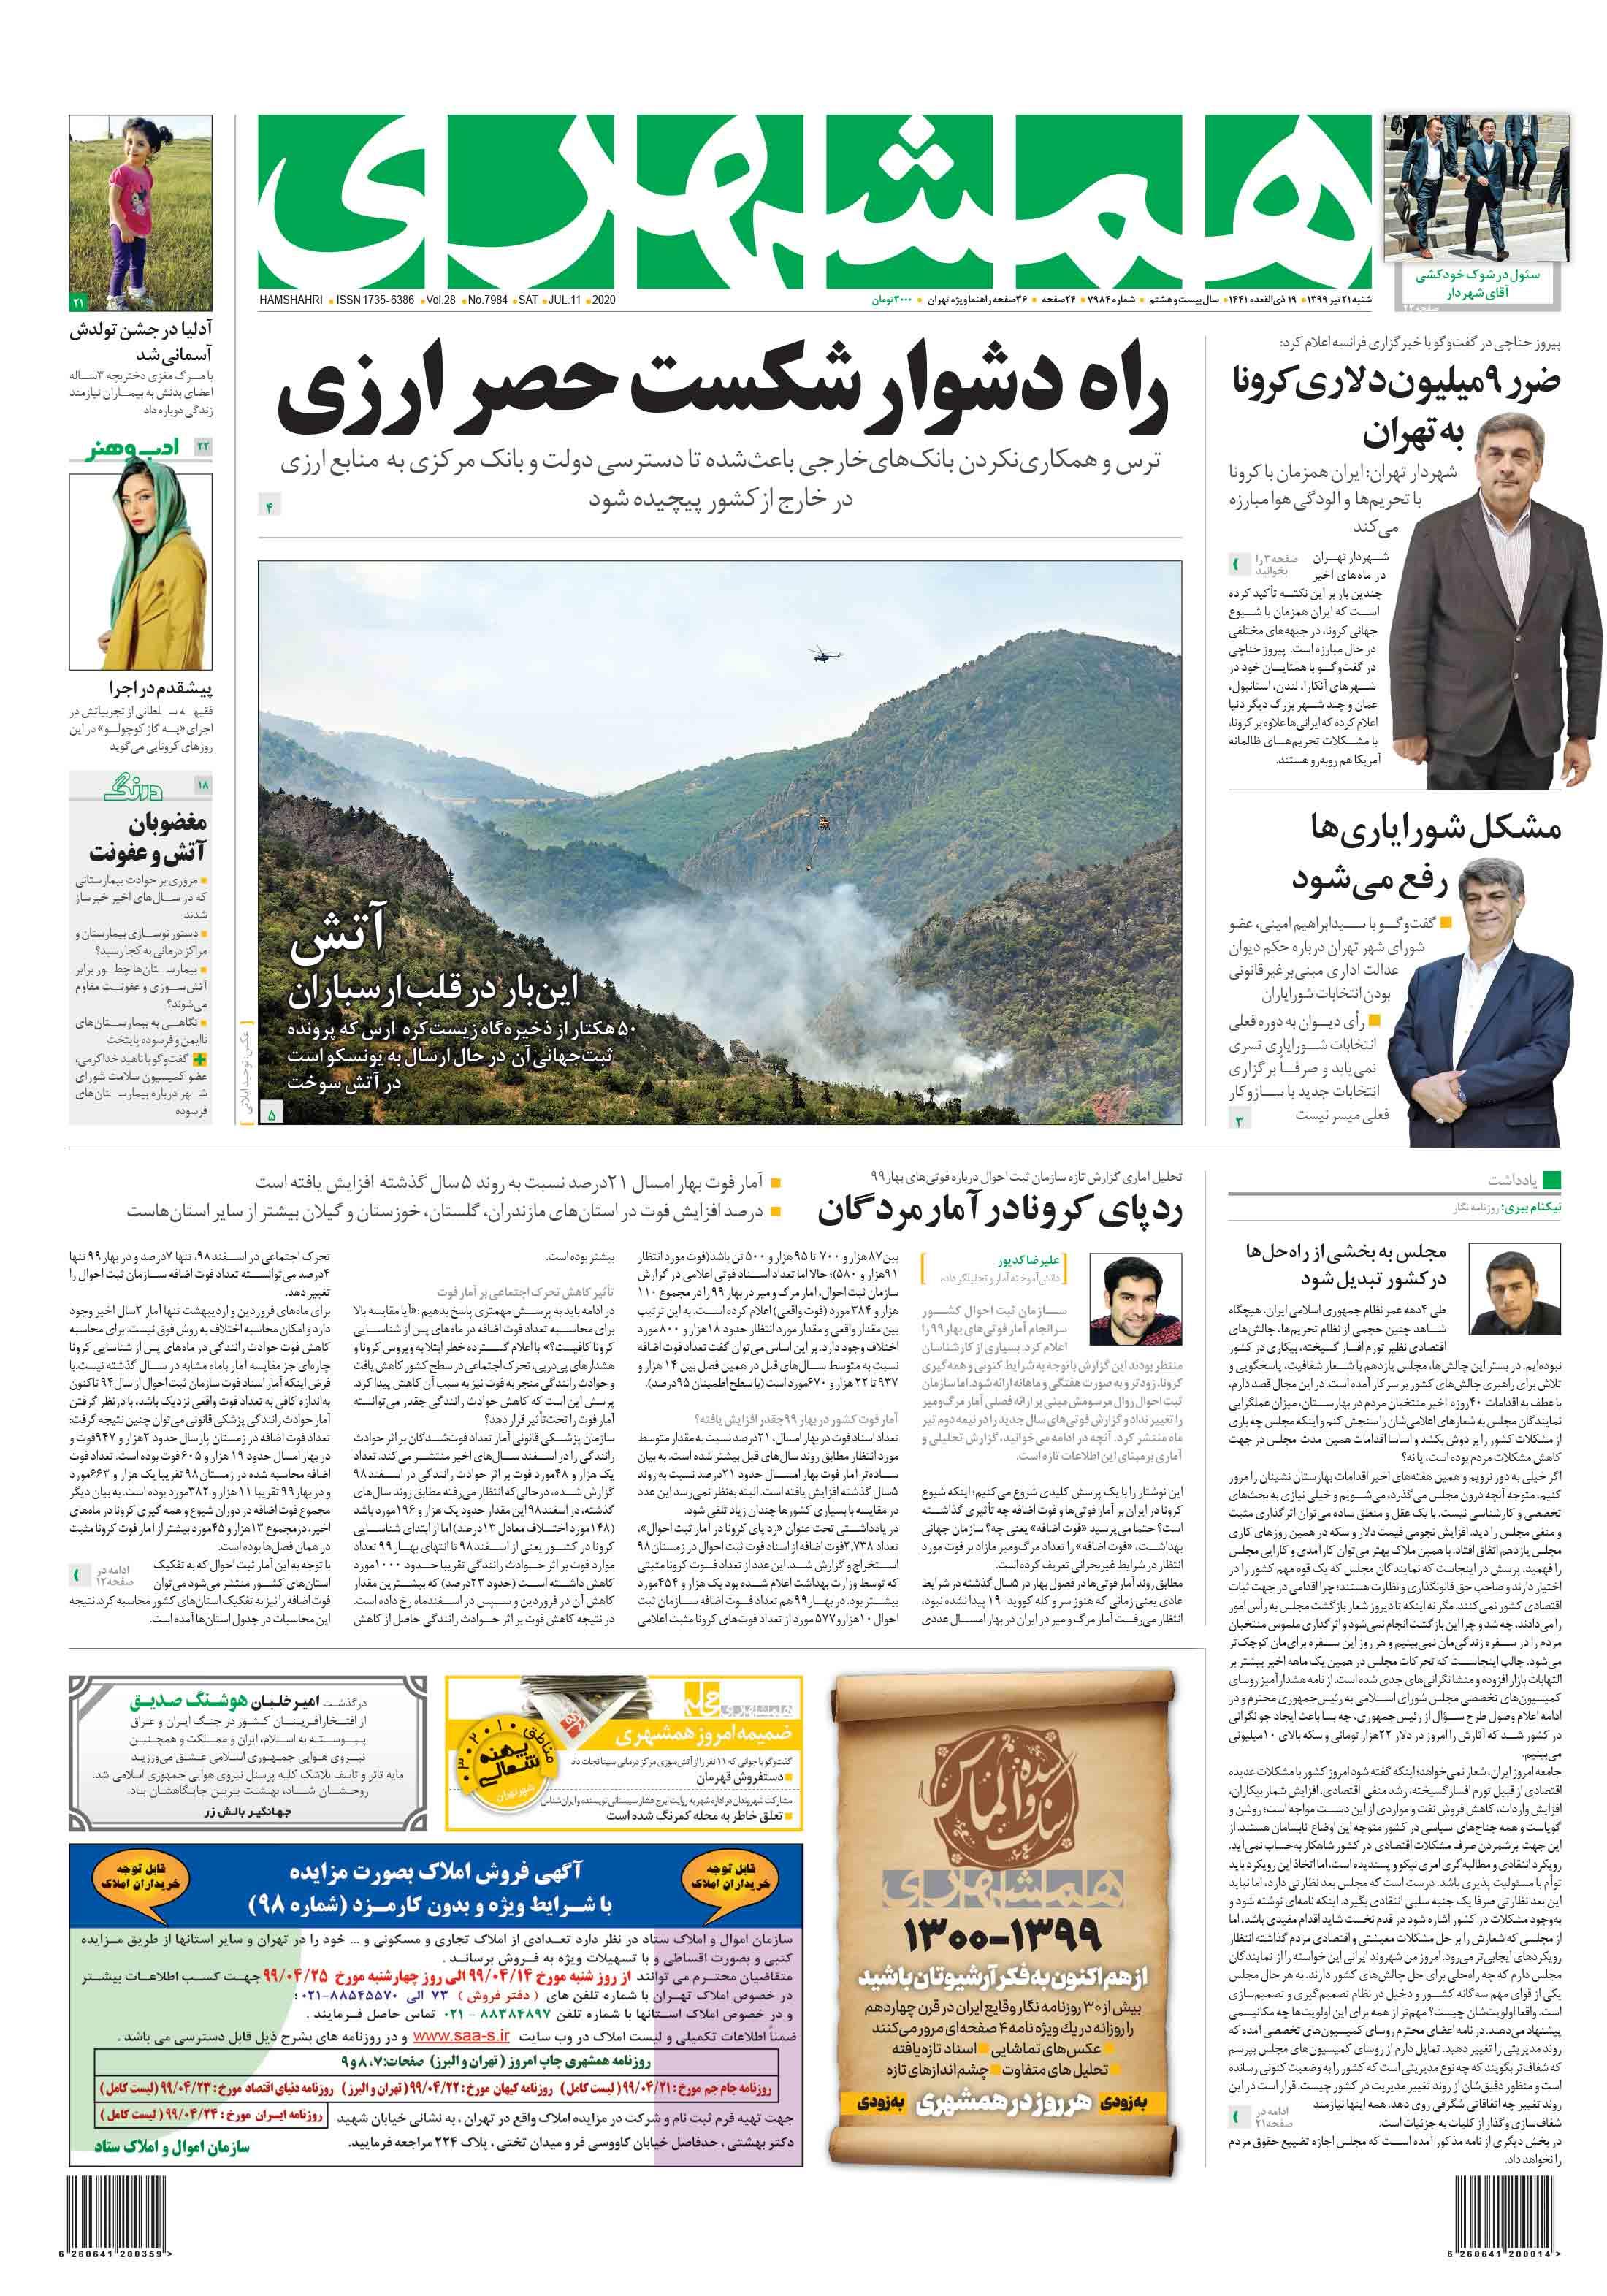 صفحه اول شنبه 21 تیر 1399